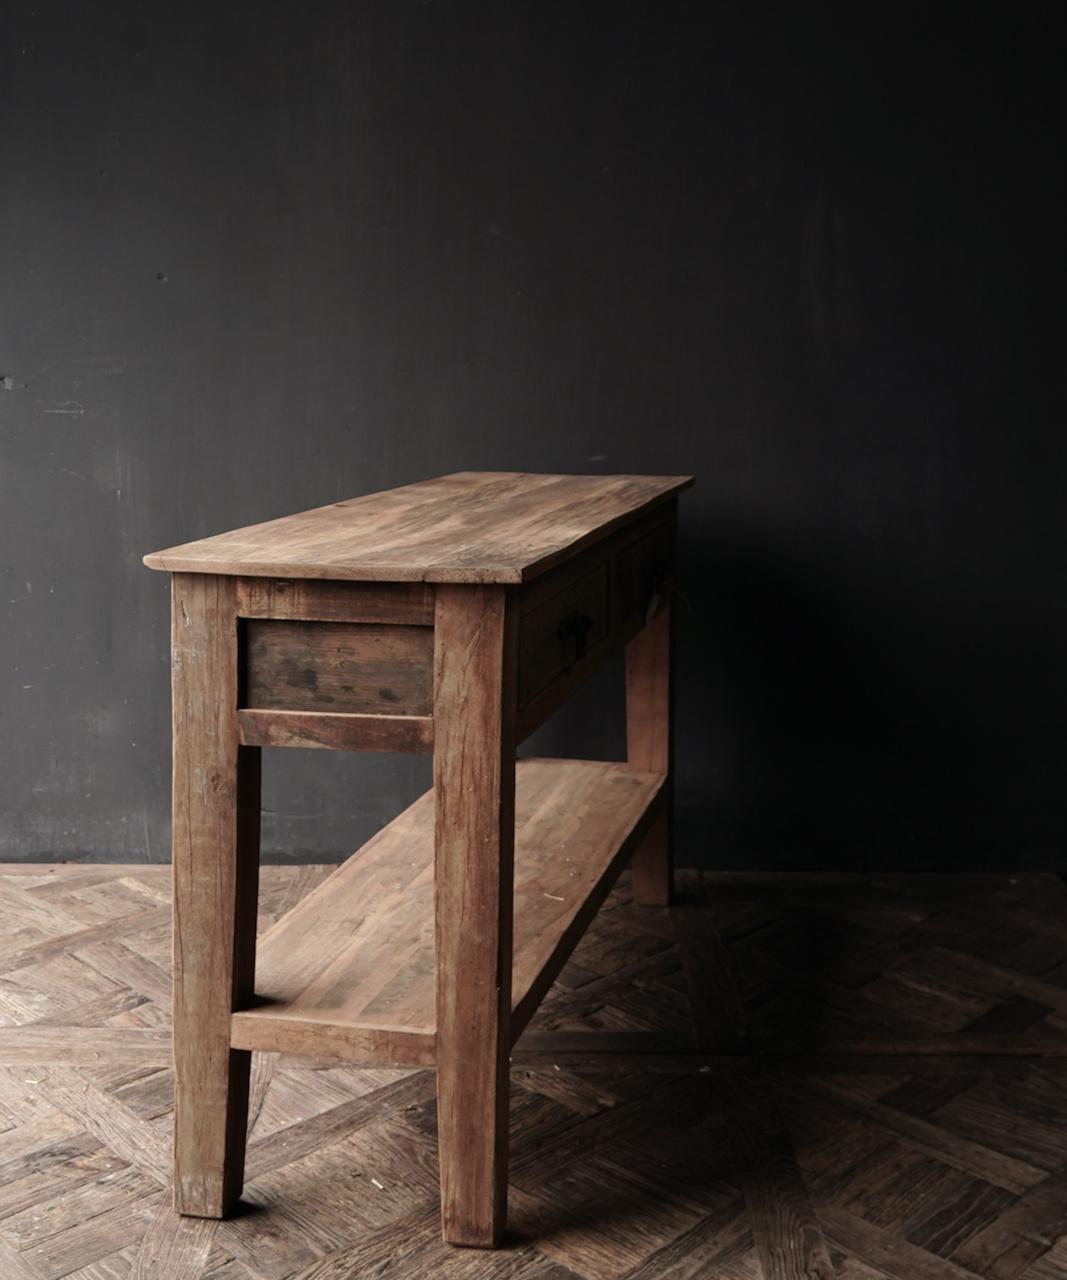 Stoer Robuust oud houten Sidetable oftewel muurtafel met  twee lades-4